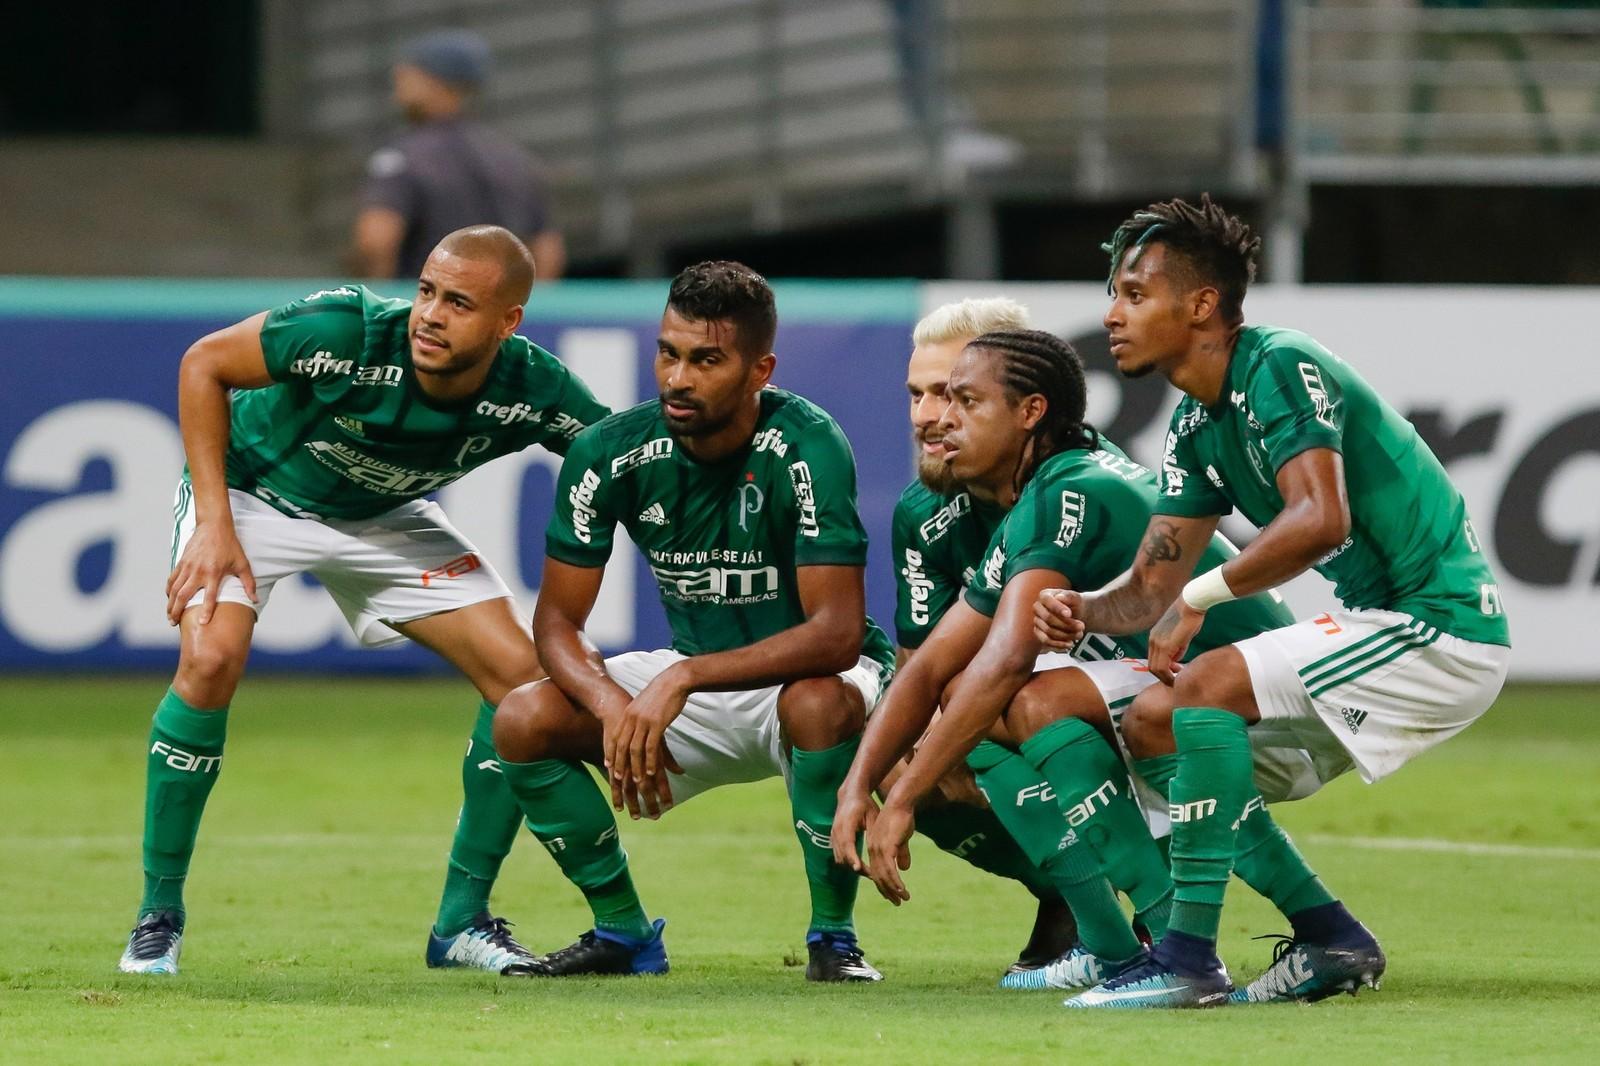 Como Assistir Palmeiras X Bragantino Ao Vivo 28 01 2018